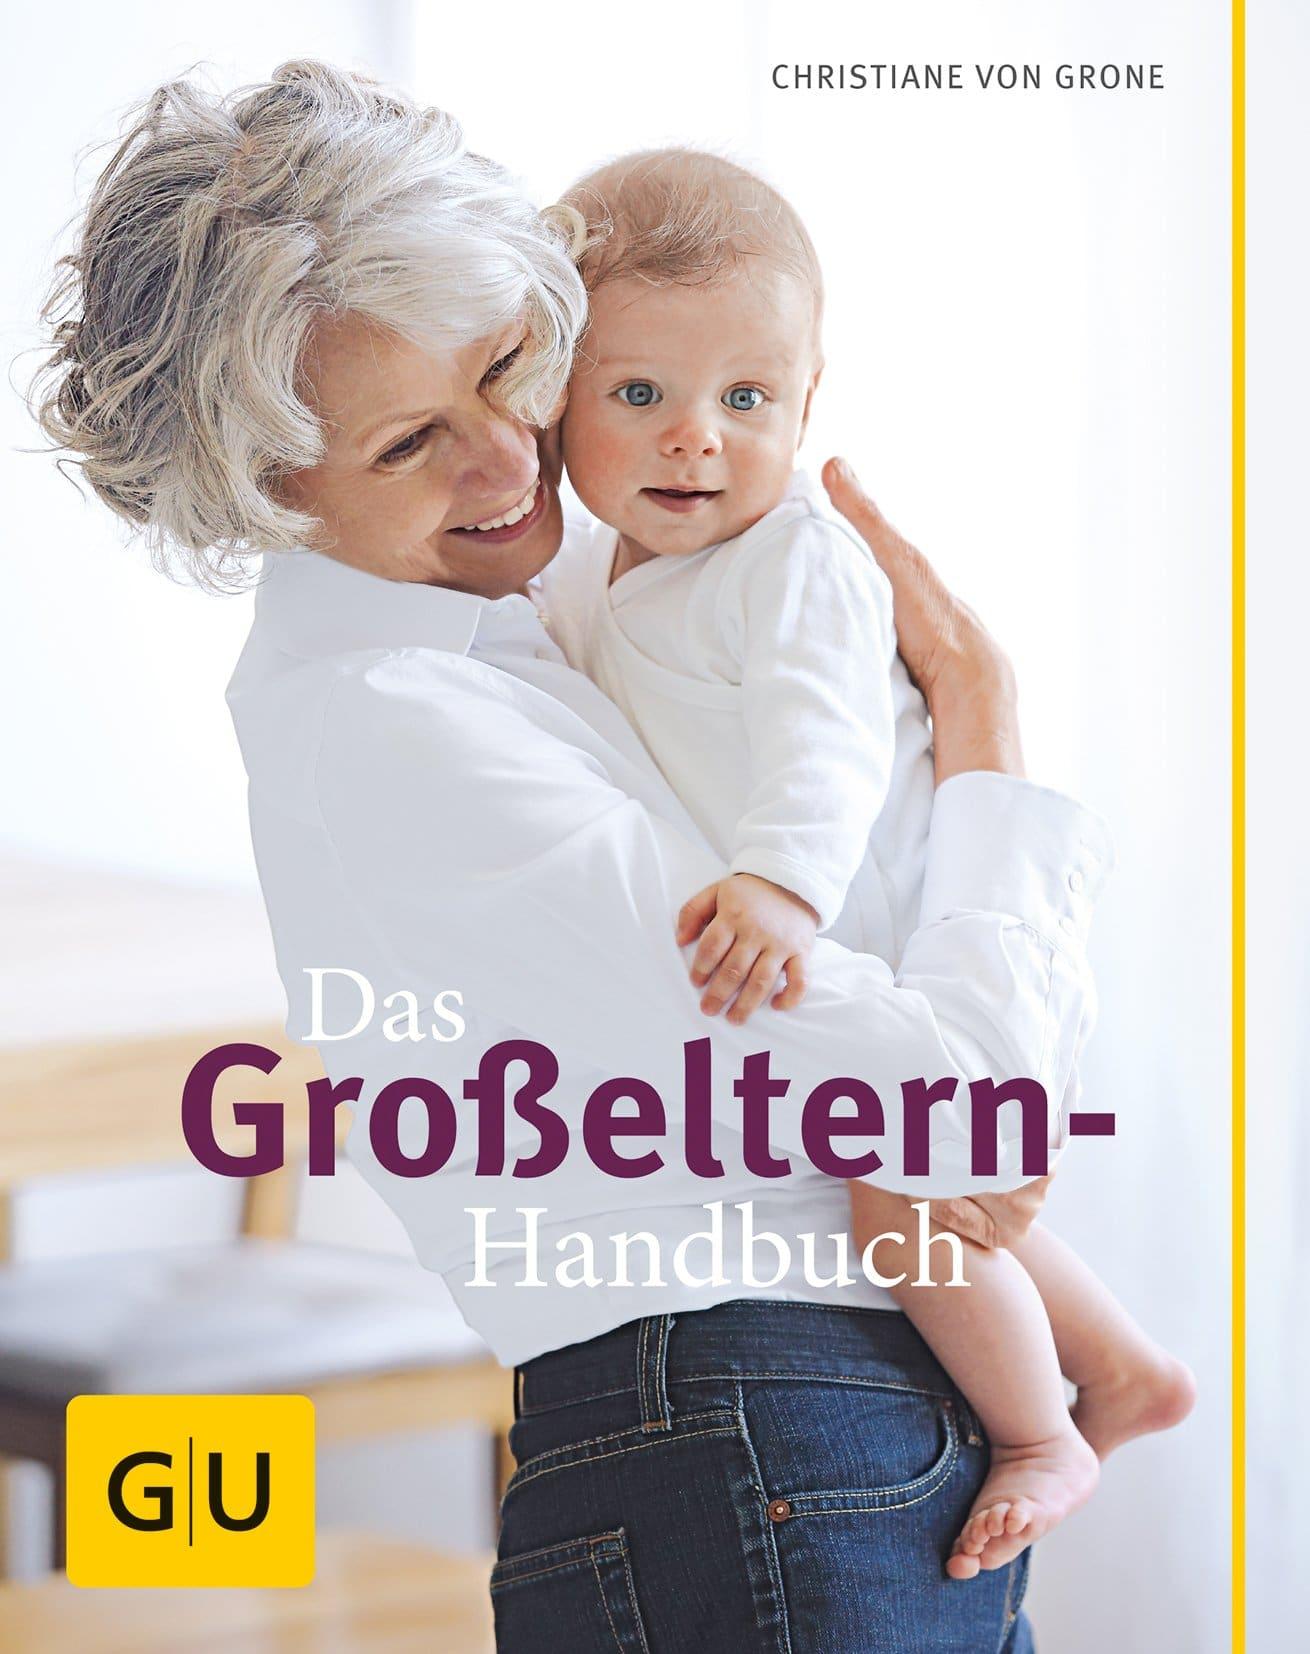 Das Großeltern-Handbuch - -Geschenk für werdende Opa und Oma